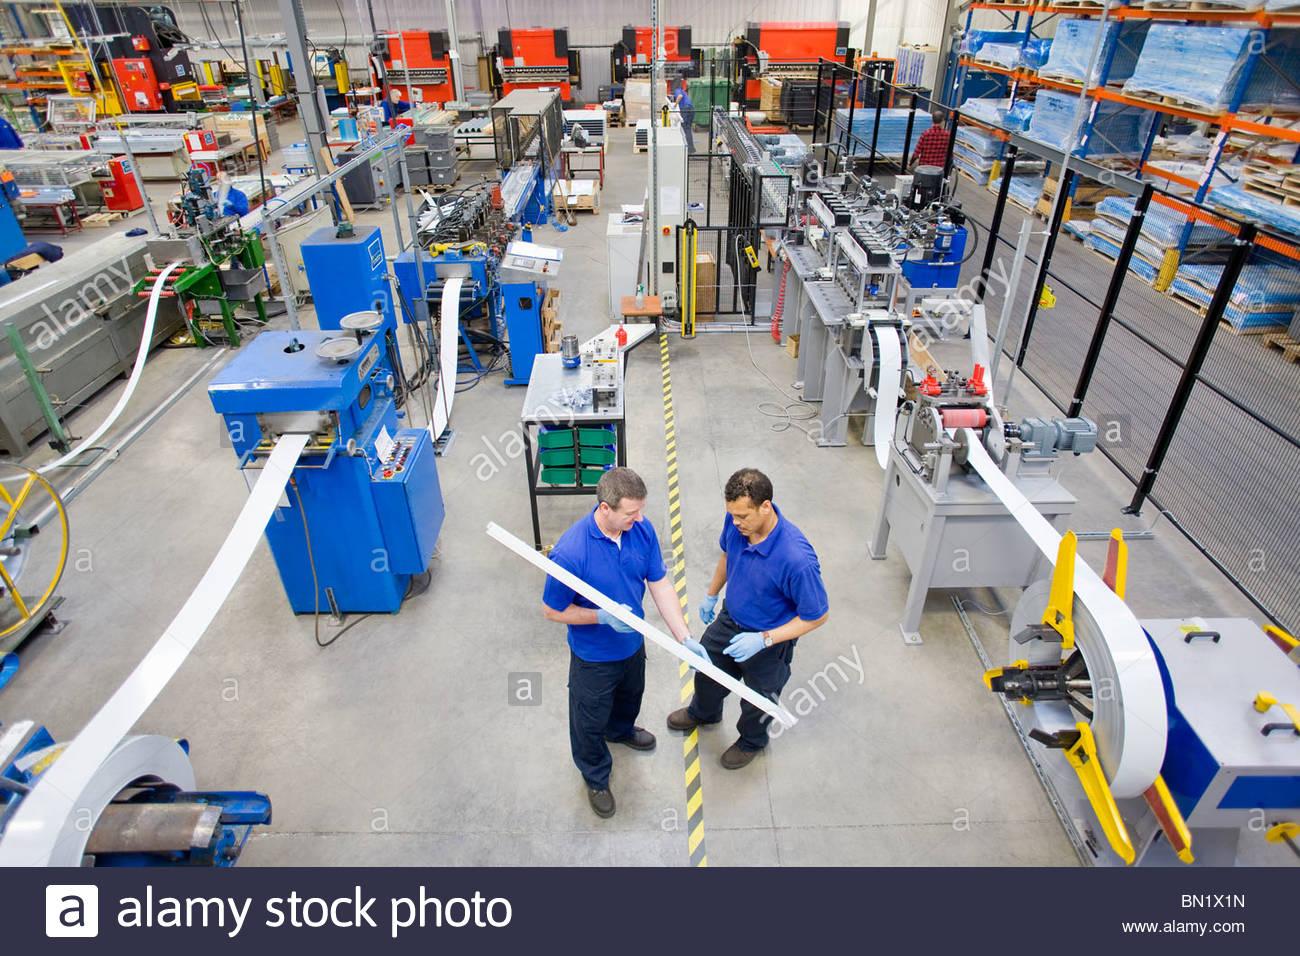 Los trabajadores inspección de montaje de luz de aluminio en la fábrica. Imagen De Stock